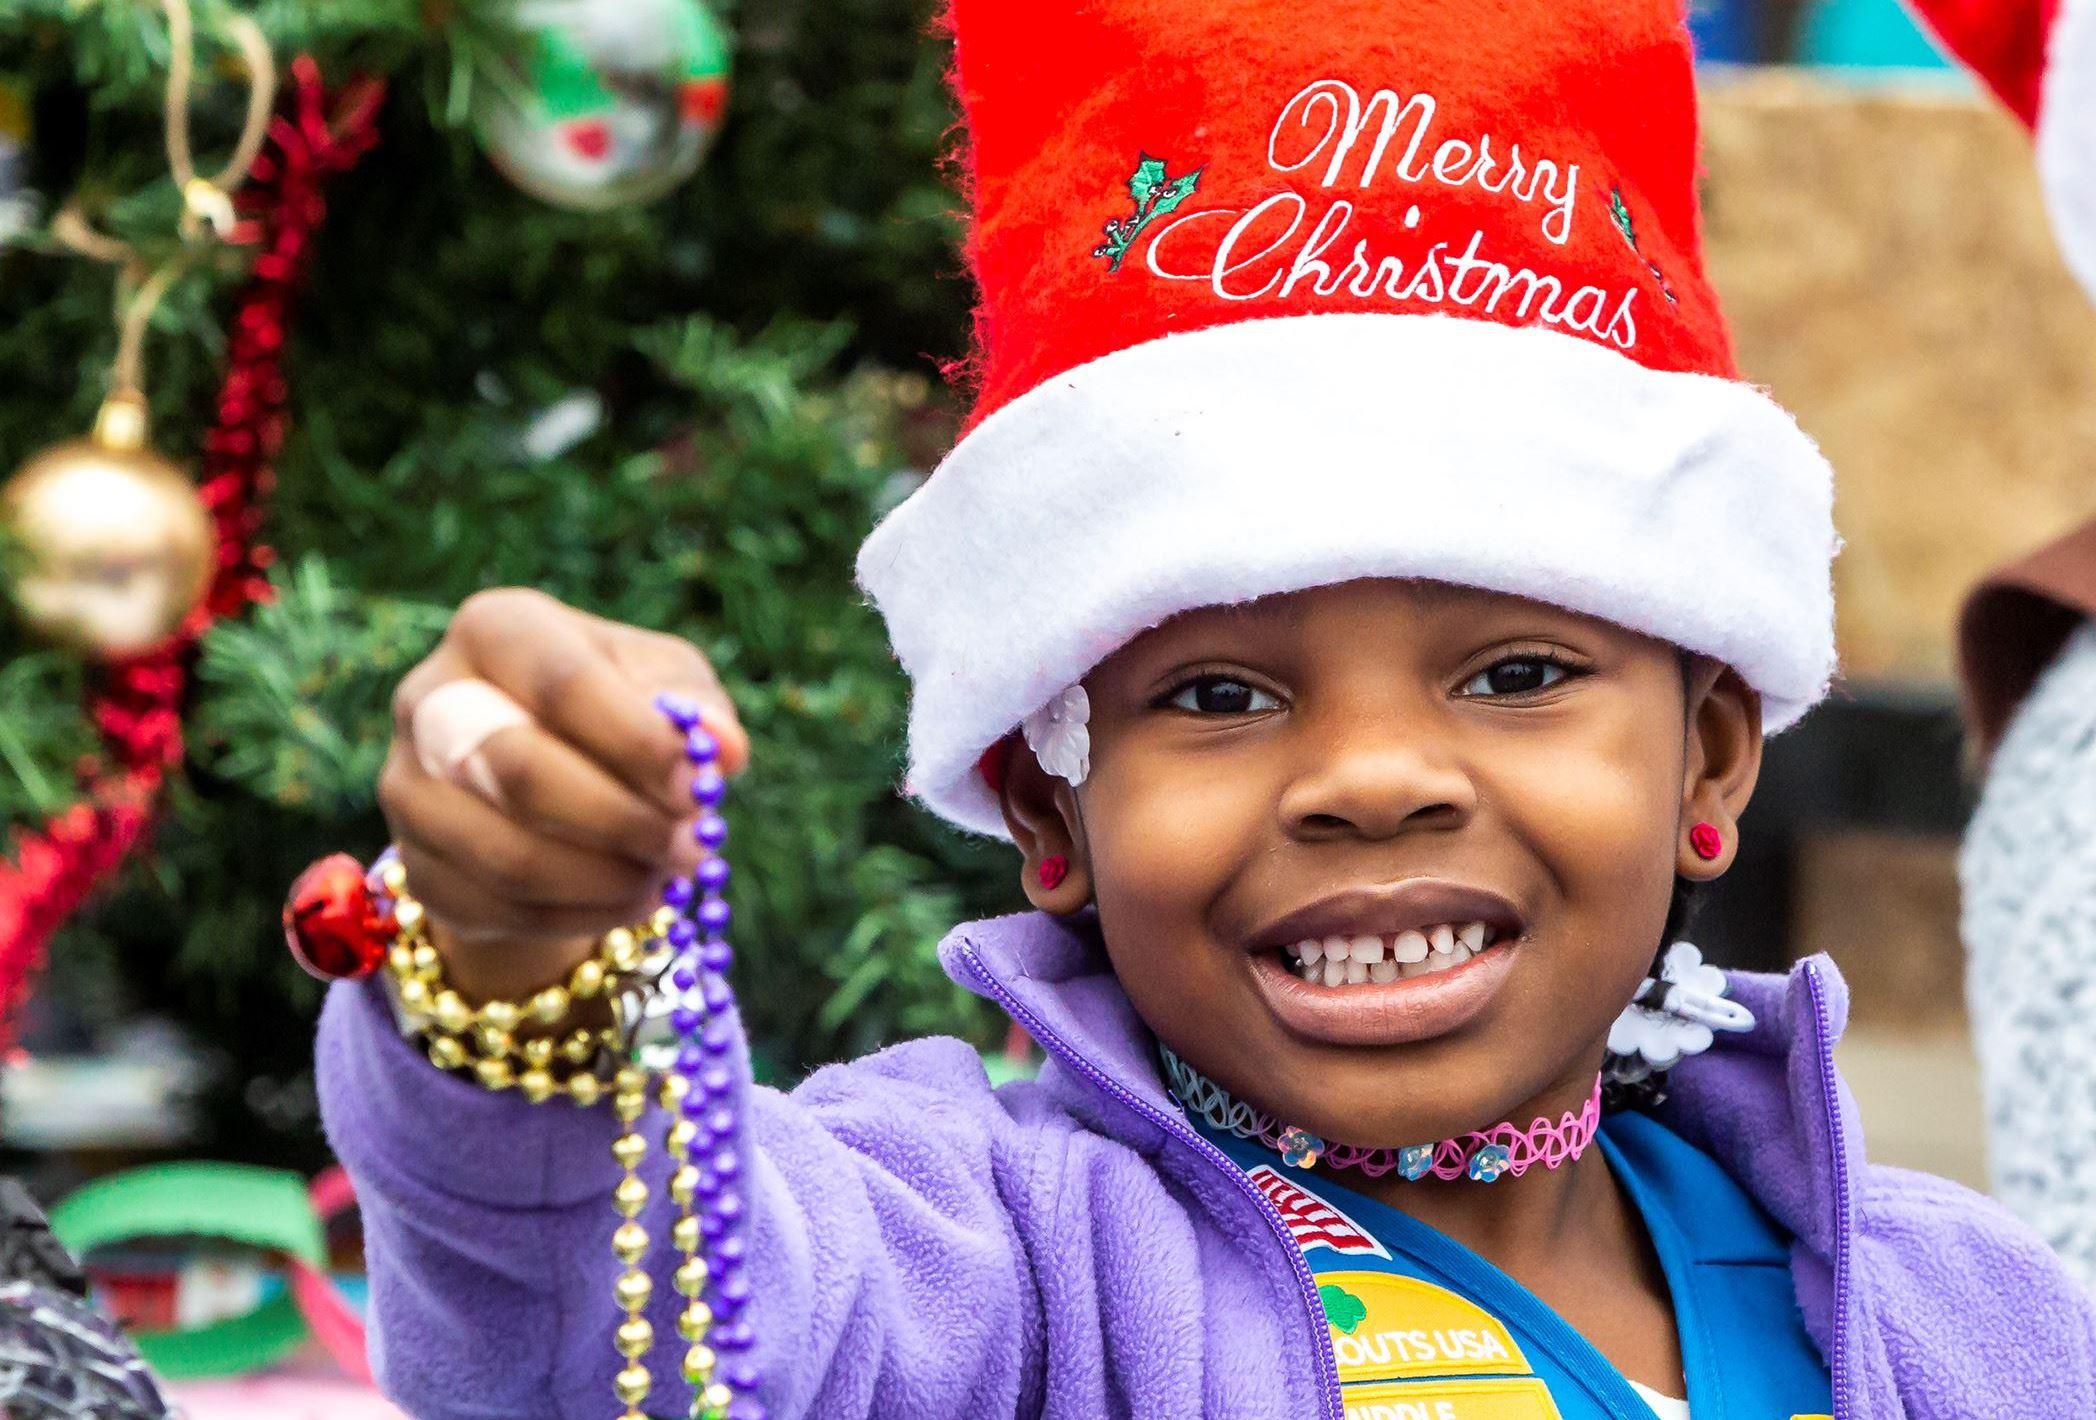 Christmas Parade Murfreesboro Tn 2020 Murfreesboro Christmas Parade   Murfreesboro, TN   Official Website